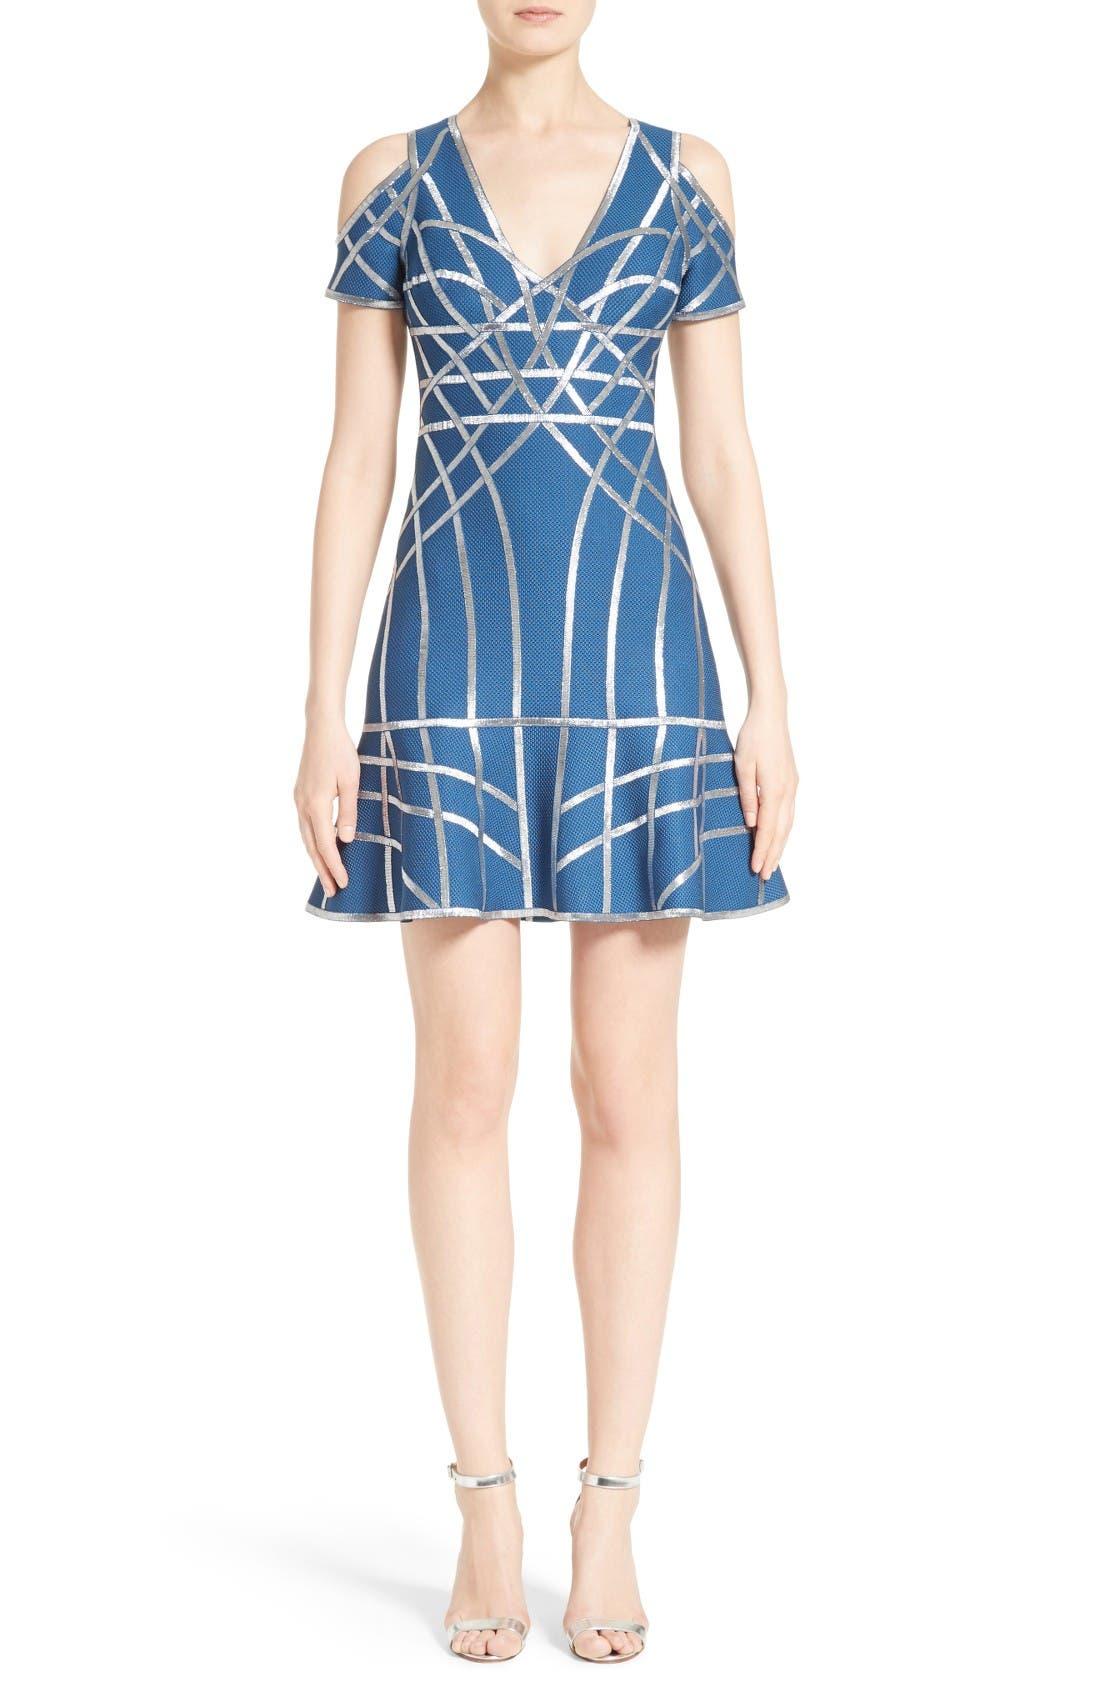 HERVE LEGER Foil Ribbon Cold Shoulder Dress